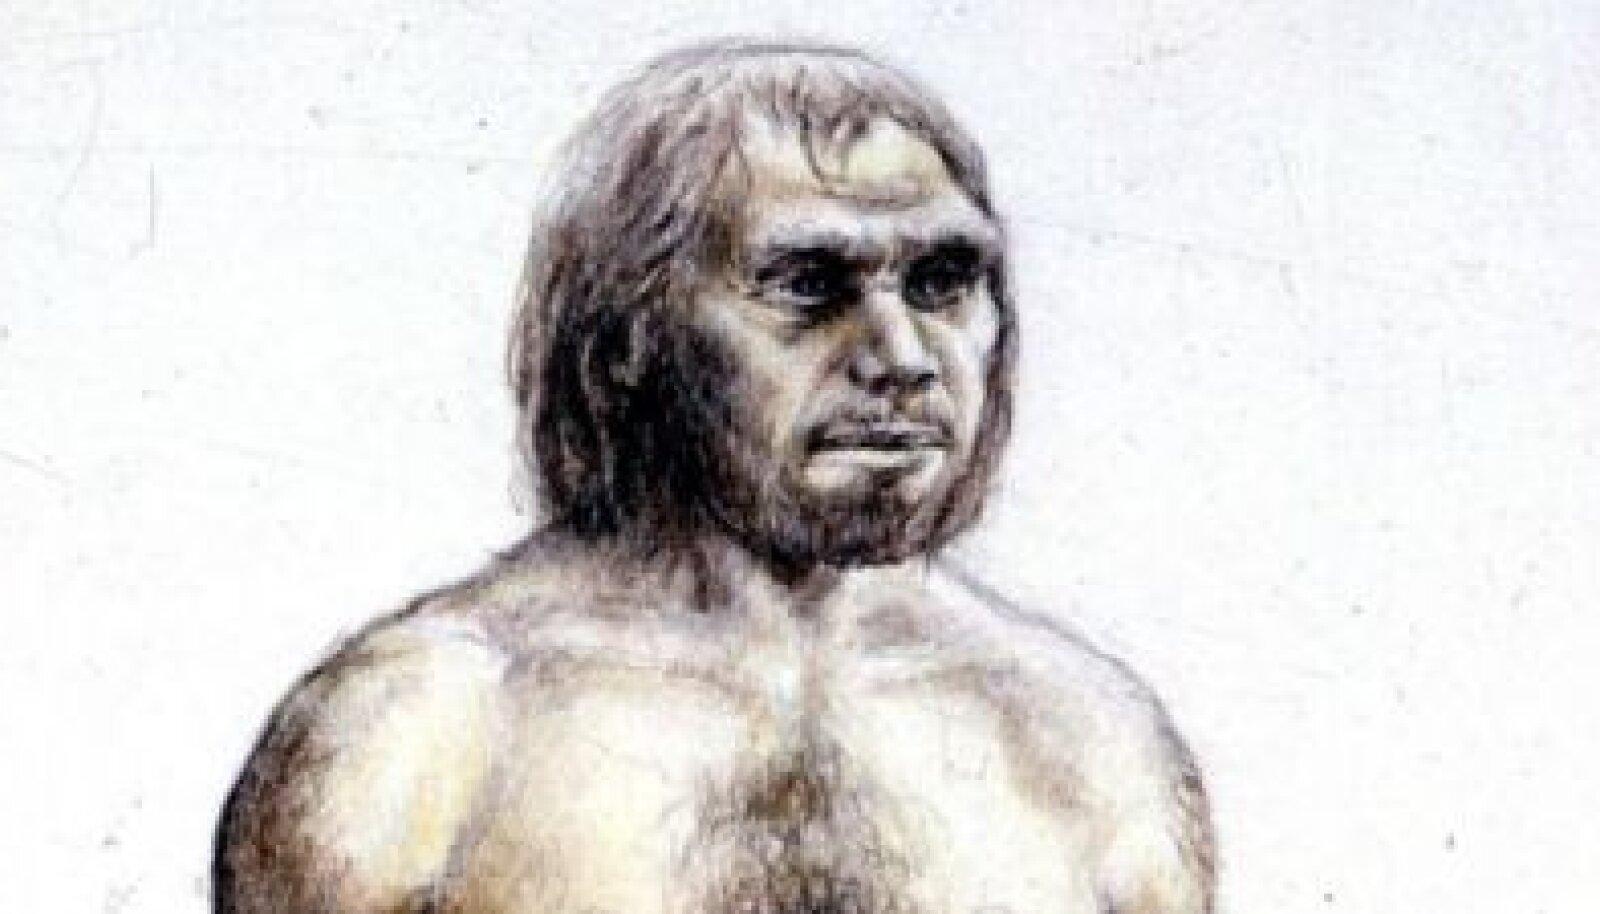 Hetkel saame pakkuda ainult joonist neandertaallasest